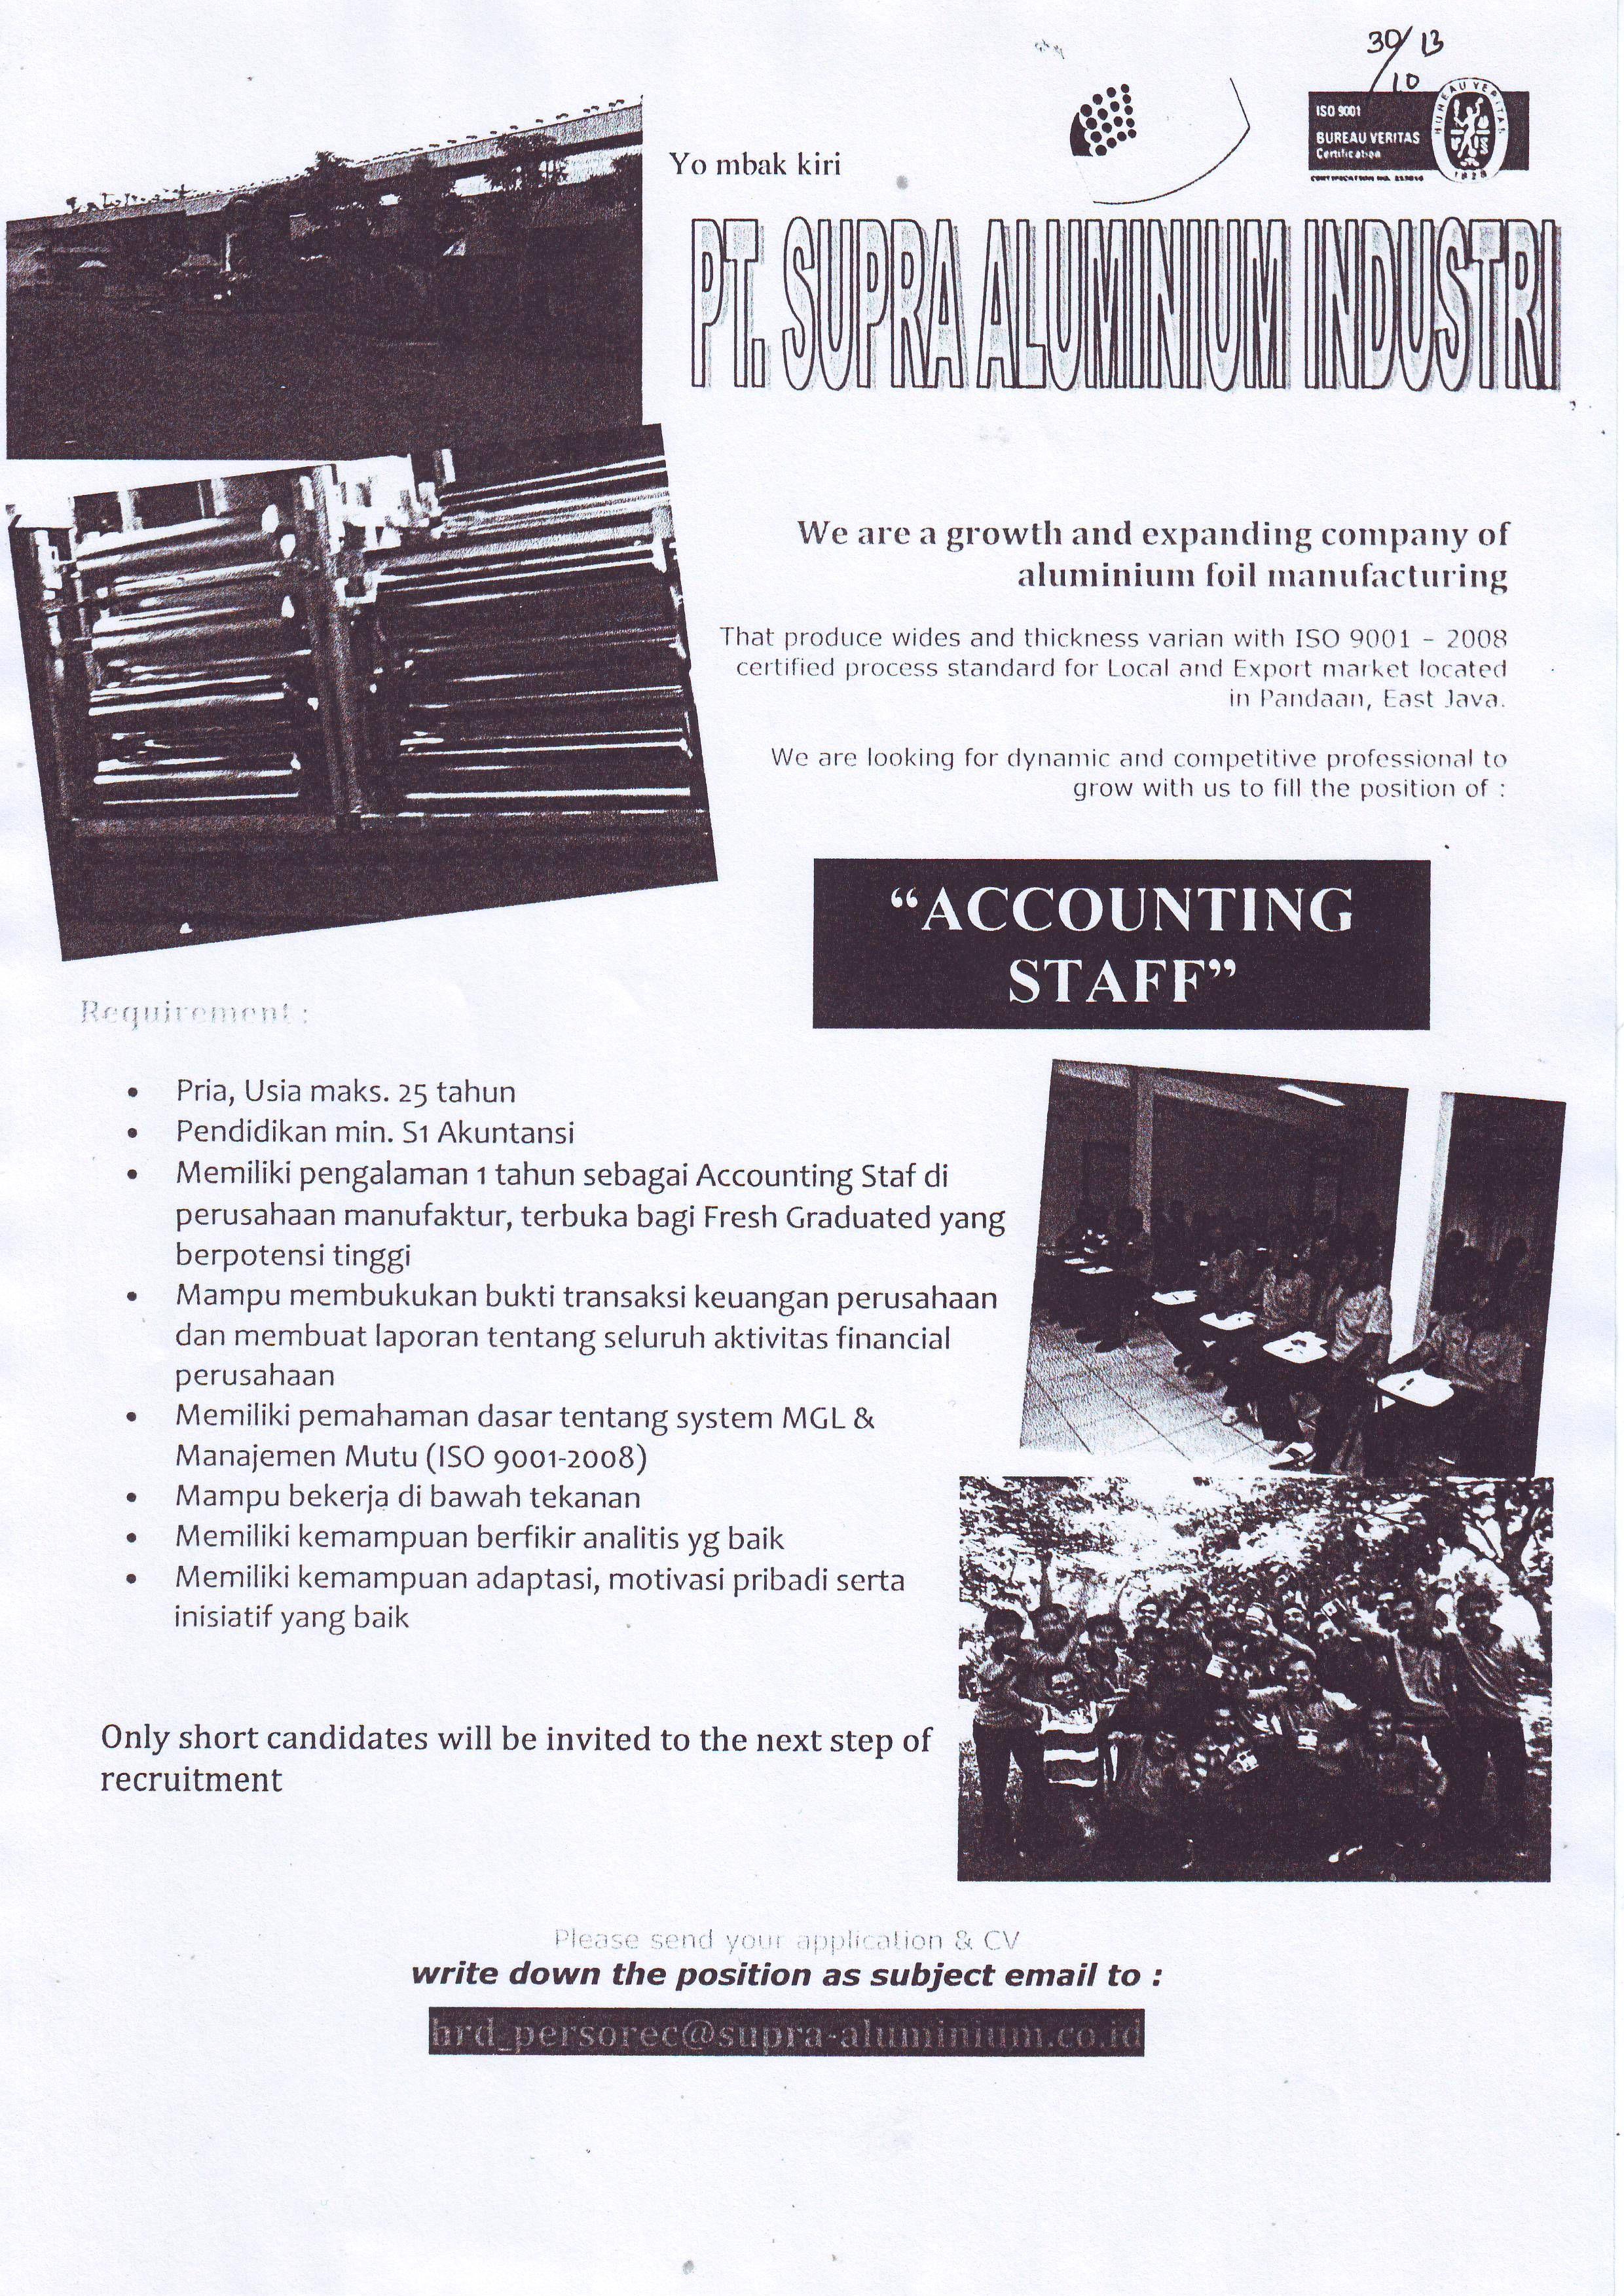 Lowongan kerja accounting staff pt supra alumunium industri yuk lowongan kerja accounting staff pt supra alumunium industri yuk lihat fashion selebriti korea hari ini stopboris Images